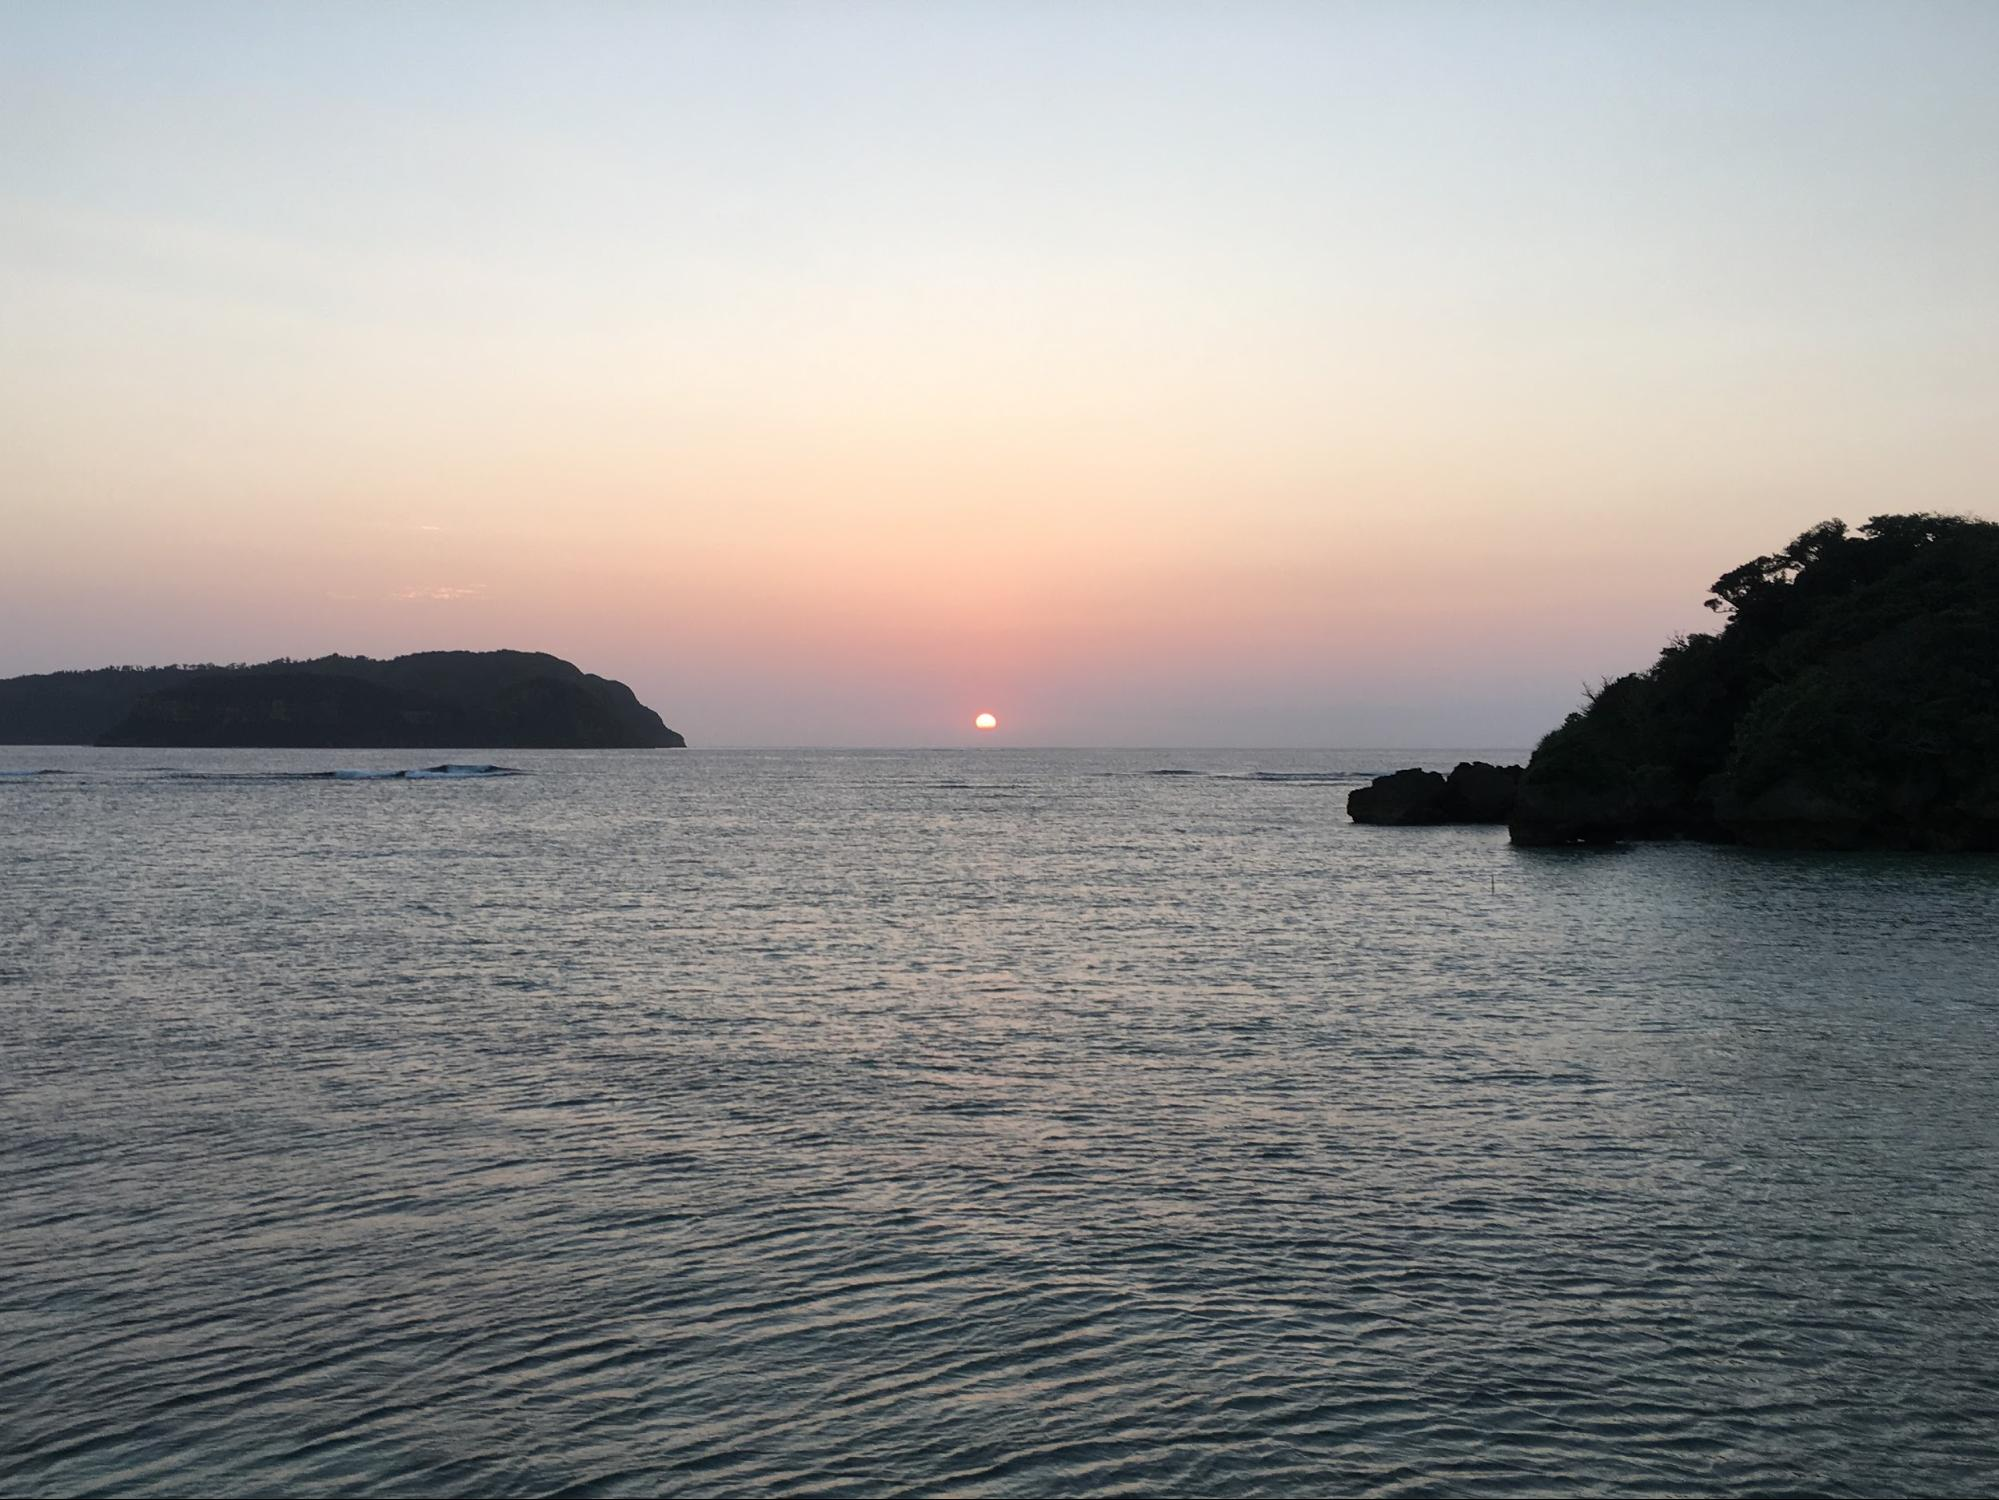 西表島祖納港に沈む夕日③